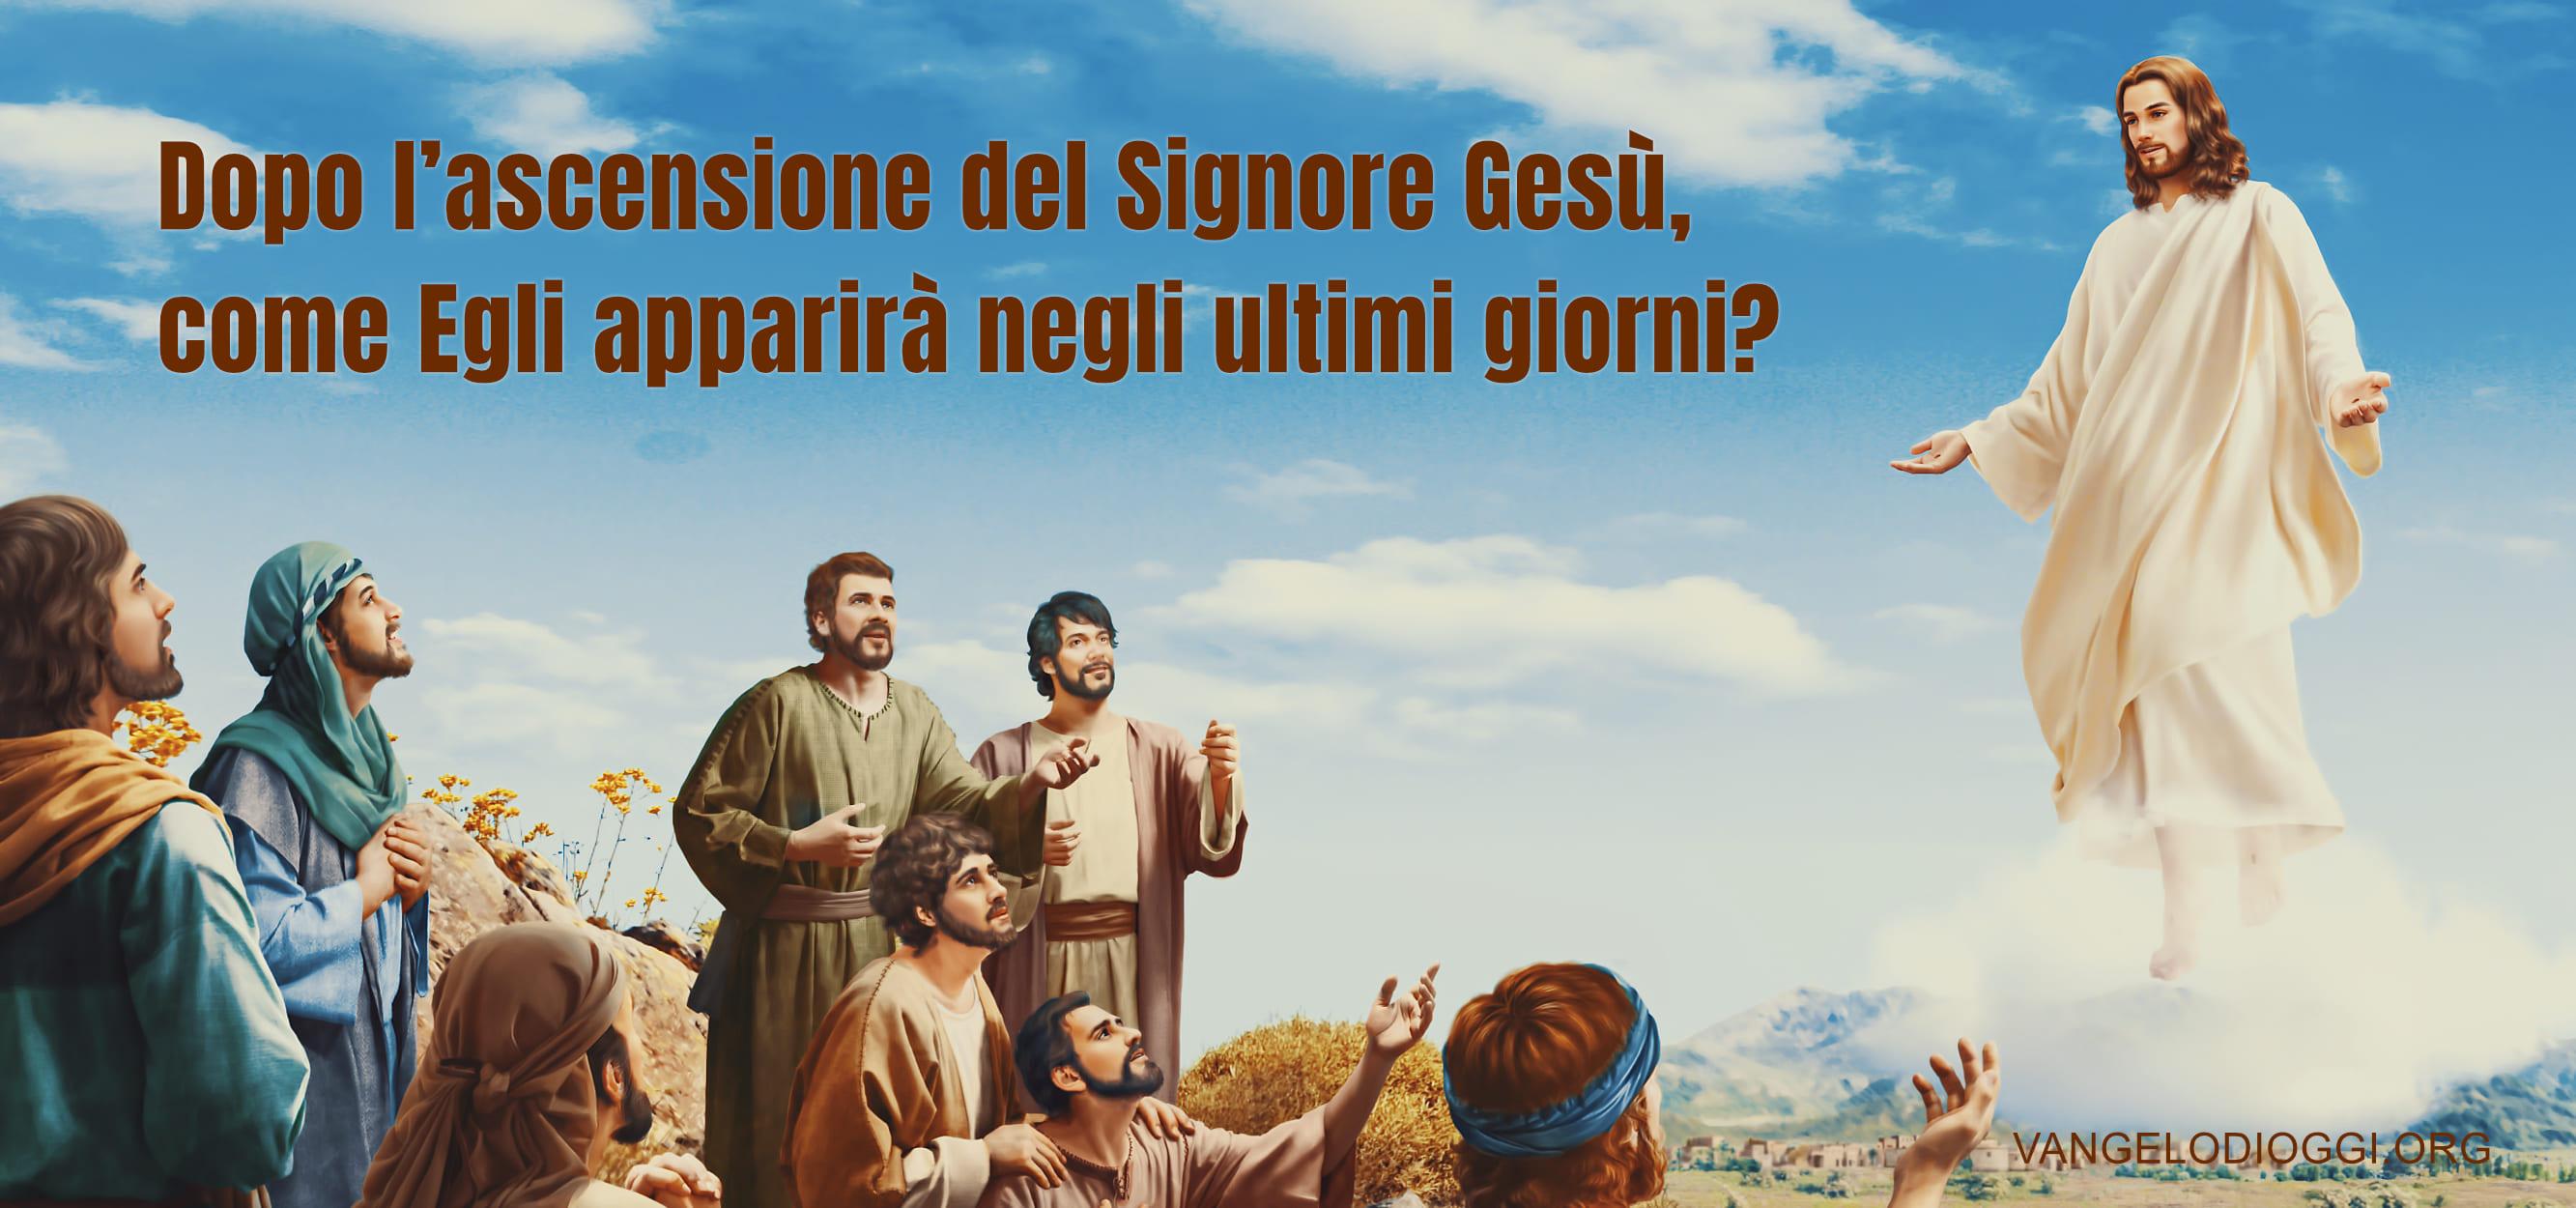 Dopo l'ascensione del Signore Gesù, come Egli apparirà negli ultimi giorni?